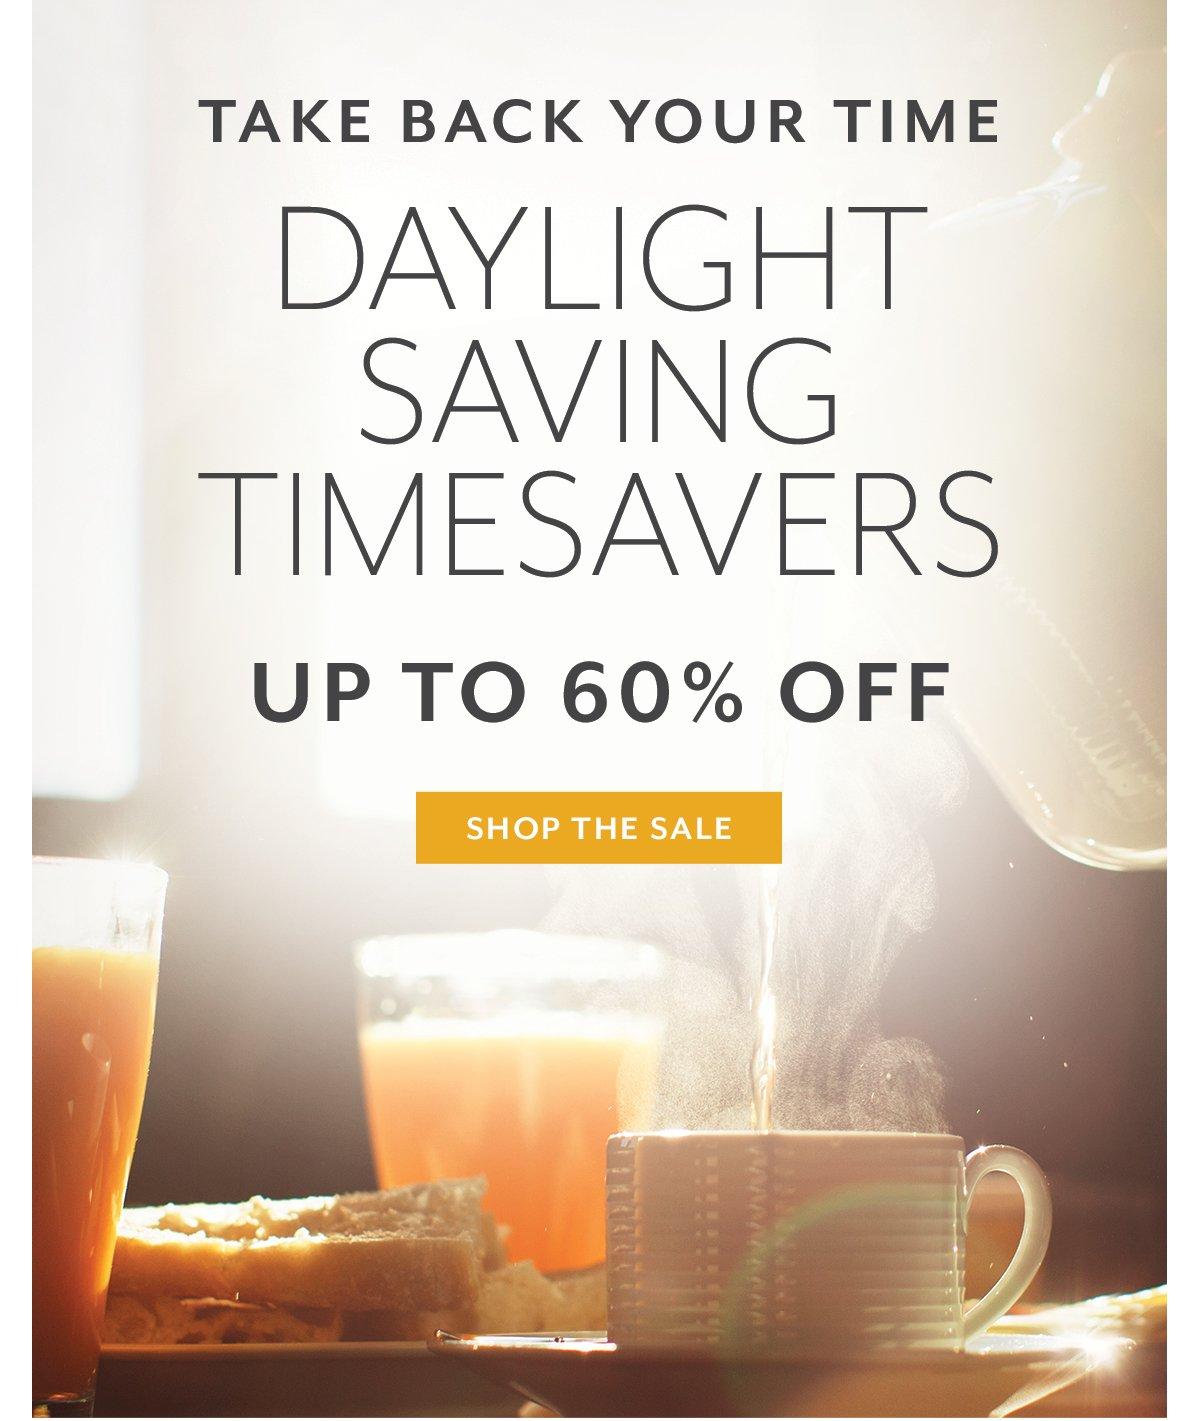 Daylight Saving Timesavers